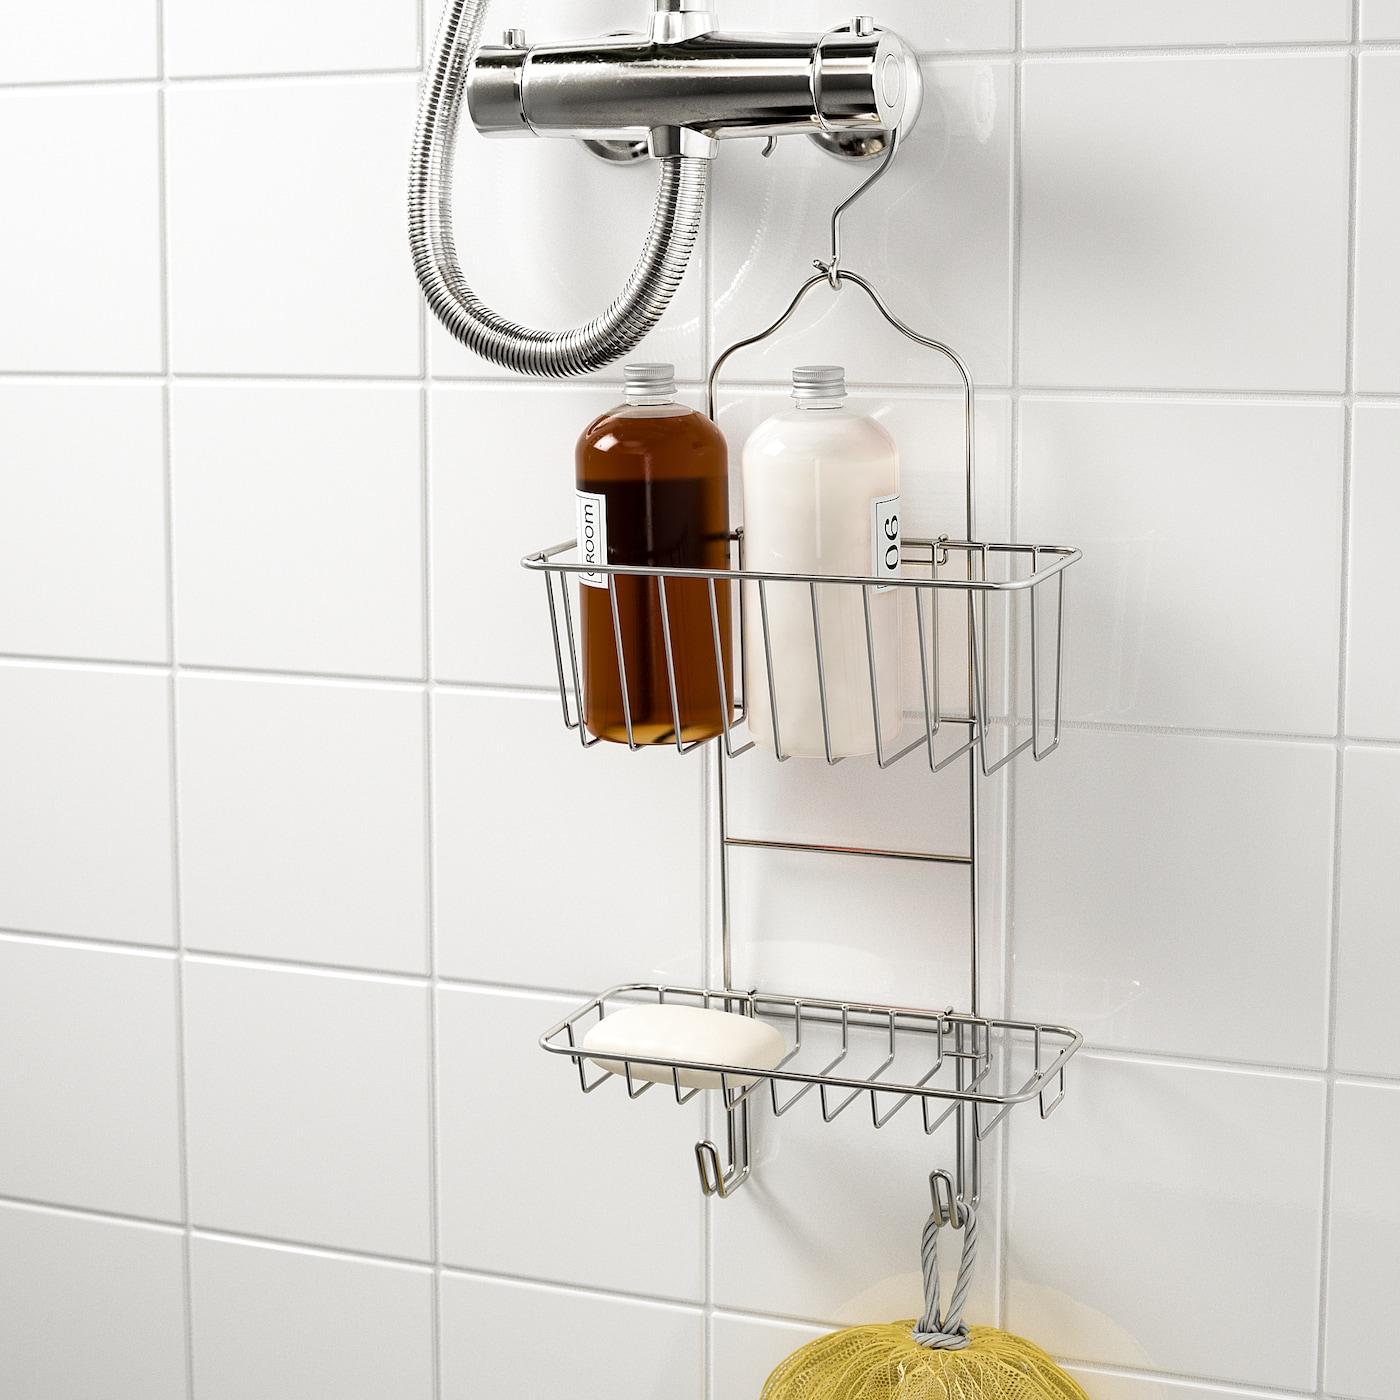 immeln porte savon pr douche 2 etages galvanise 24x53 cm